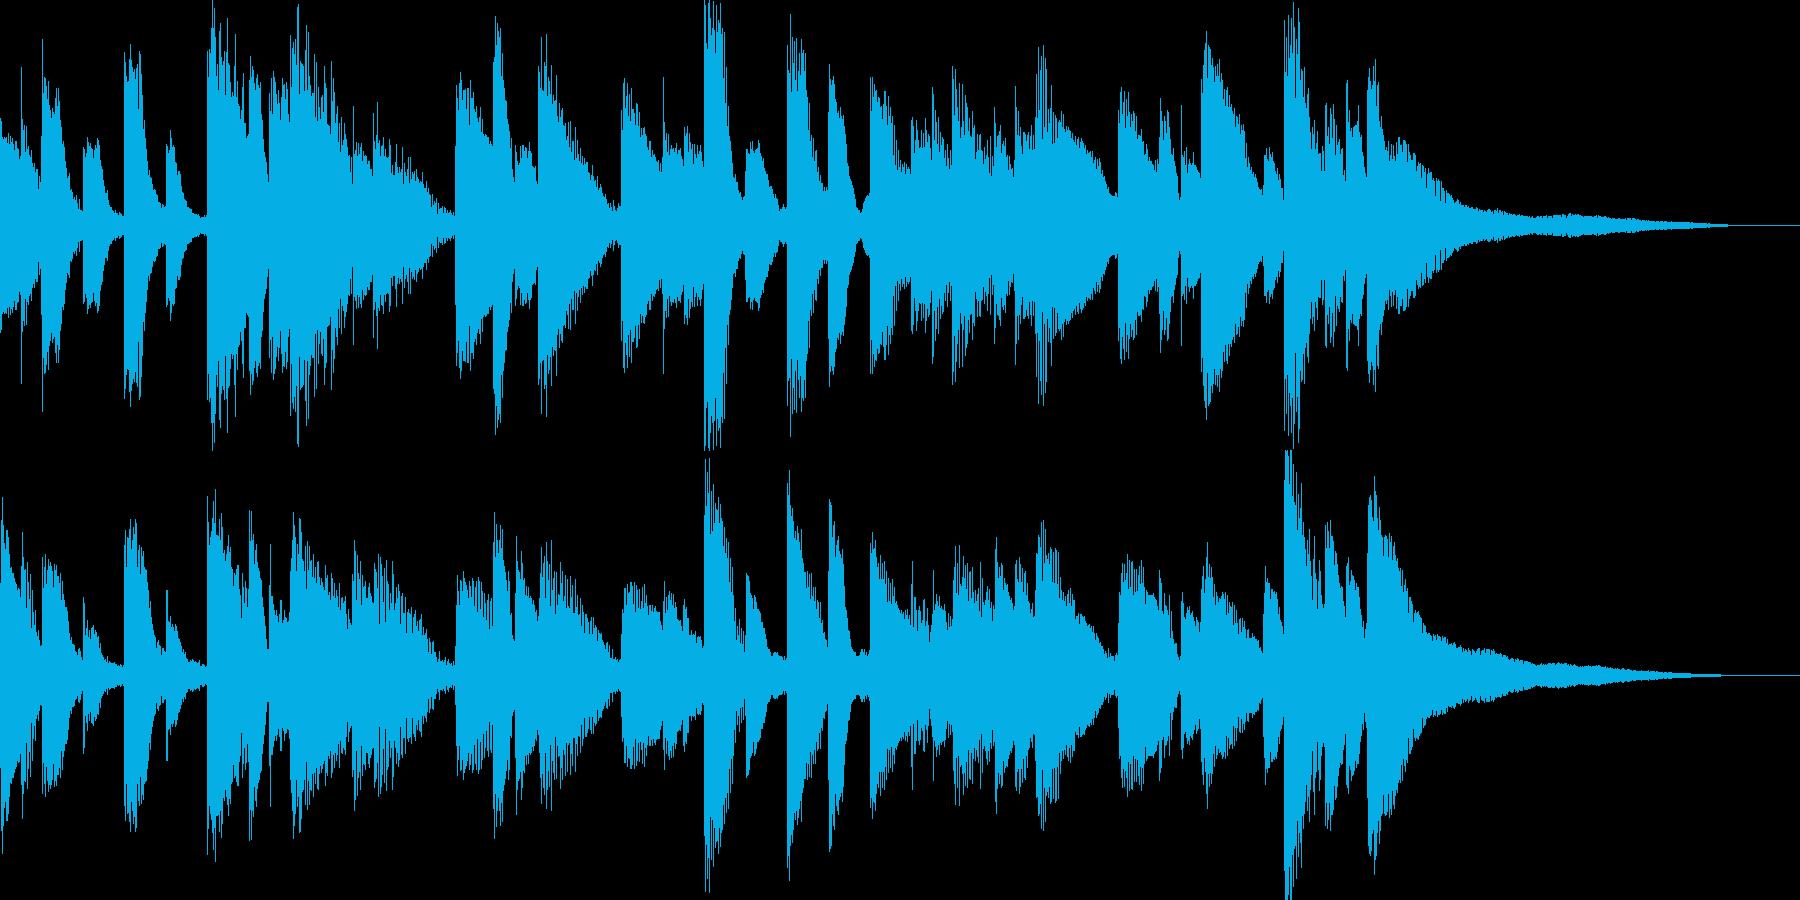 ジャズテイストのバラードの再生済みの波形